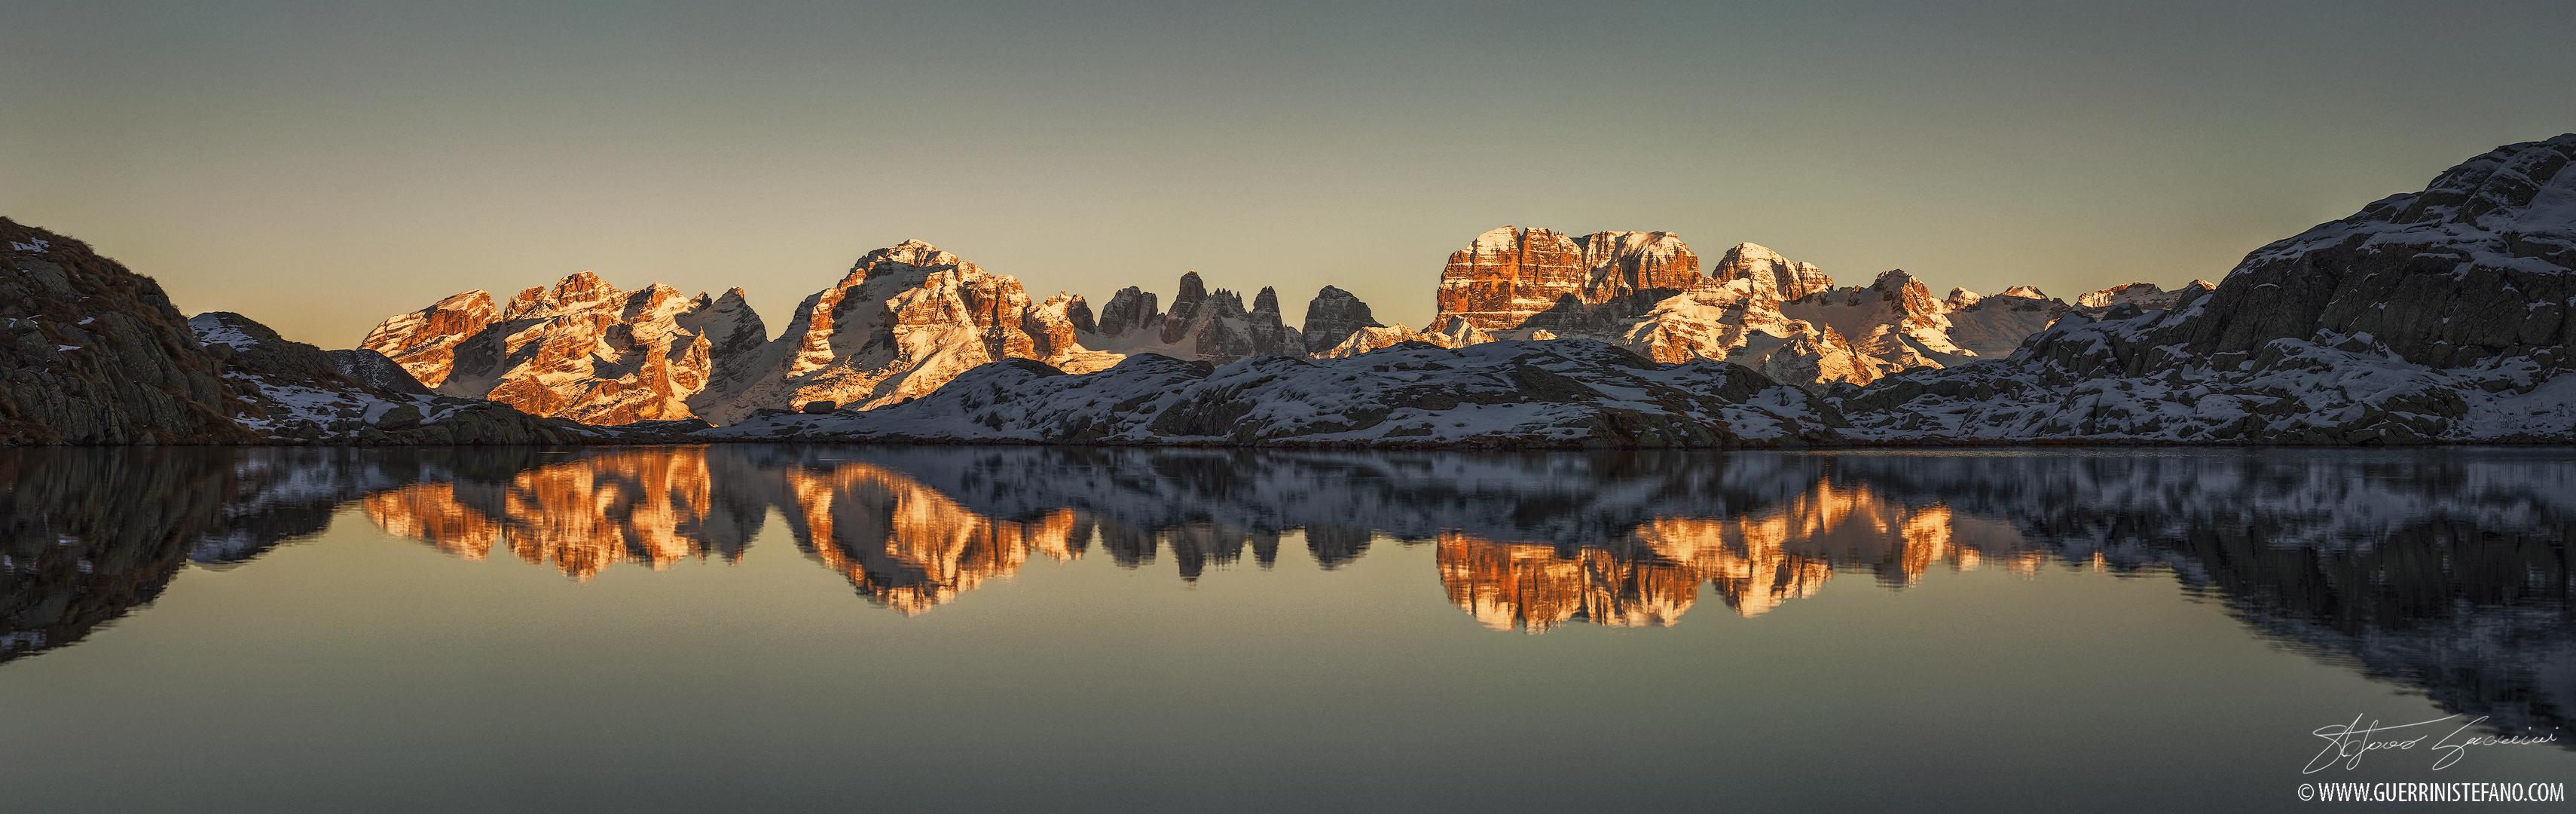 Pano Brenta Lago Nero 1000px by Guerrini Stefano